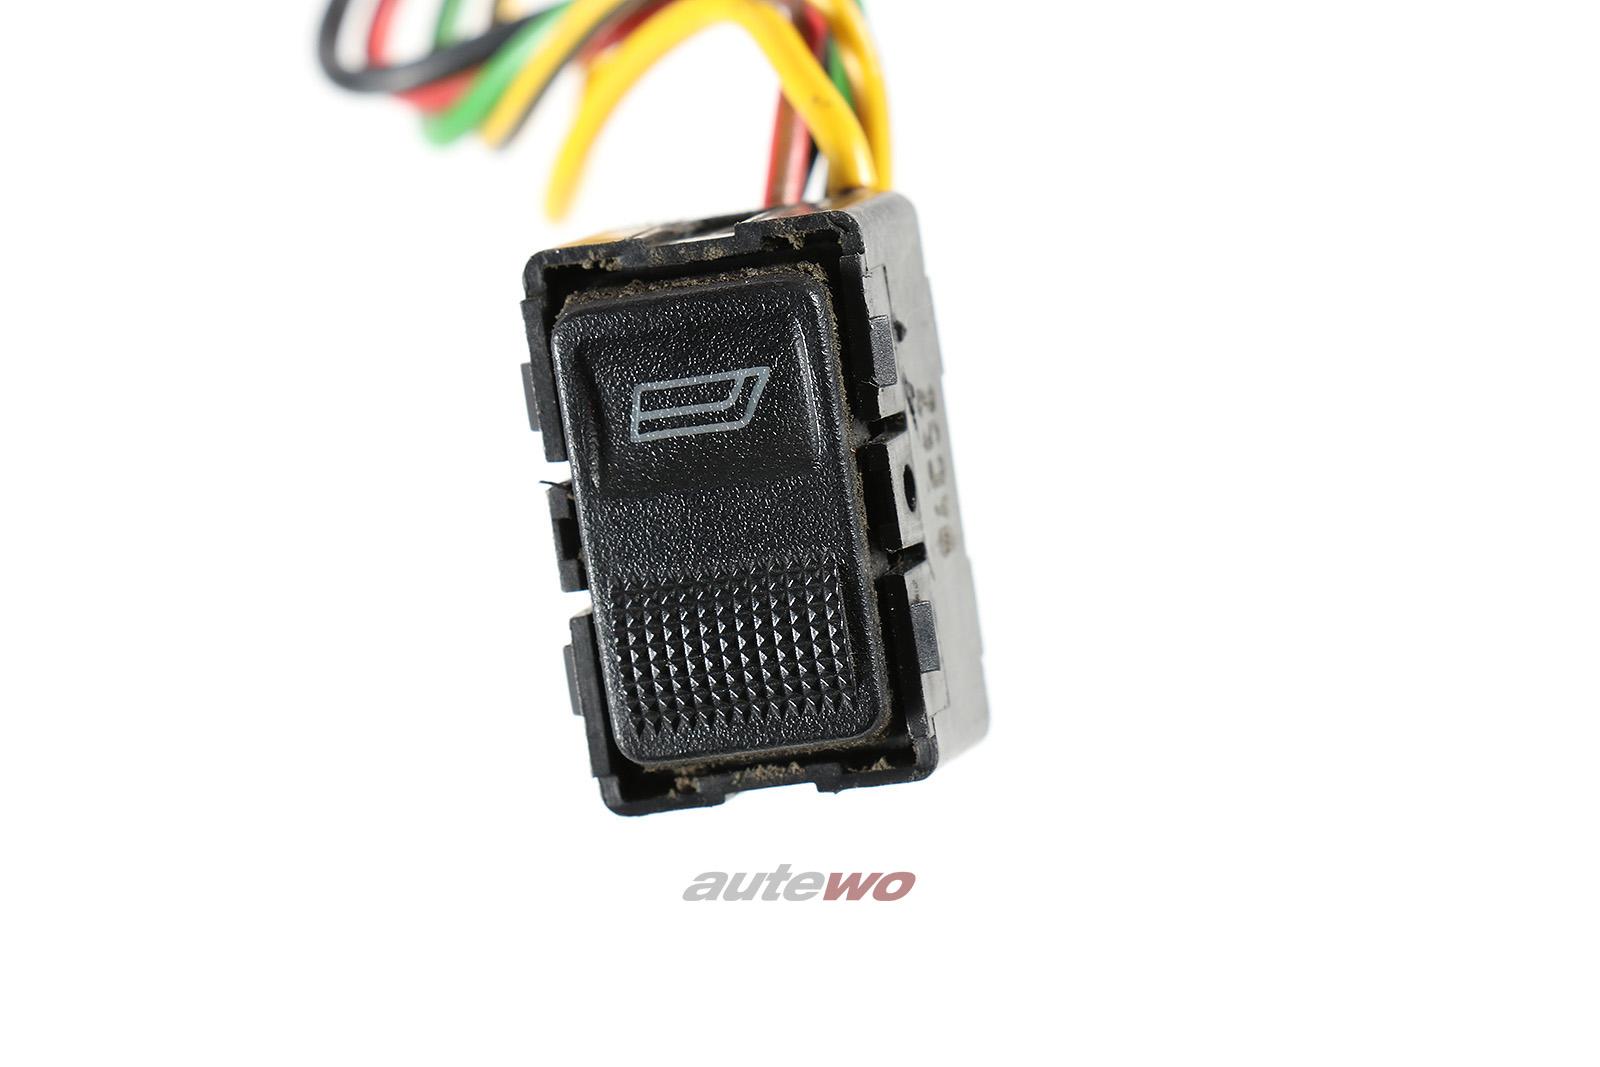 4A0959855B Audi 100/S4/A6/S6+ C4 Schalter elektrische Fensterheber ...